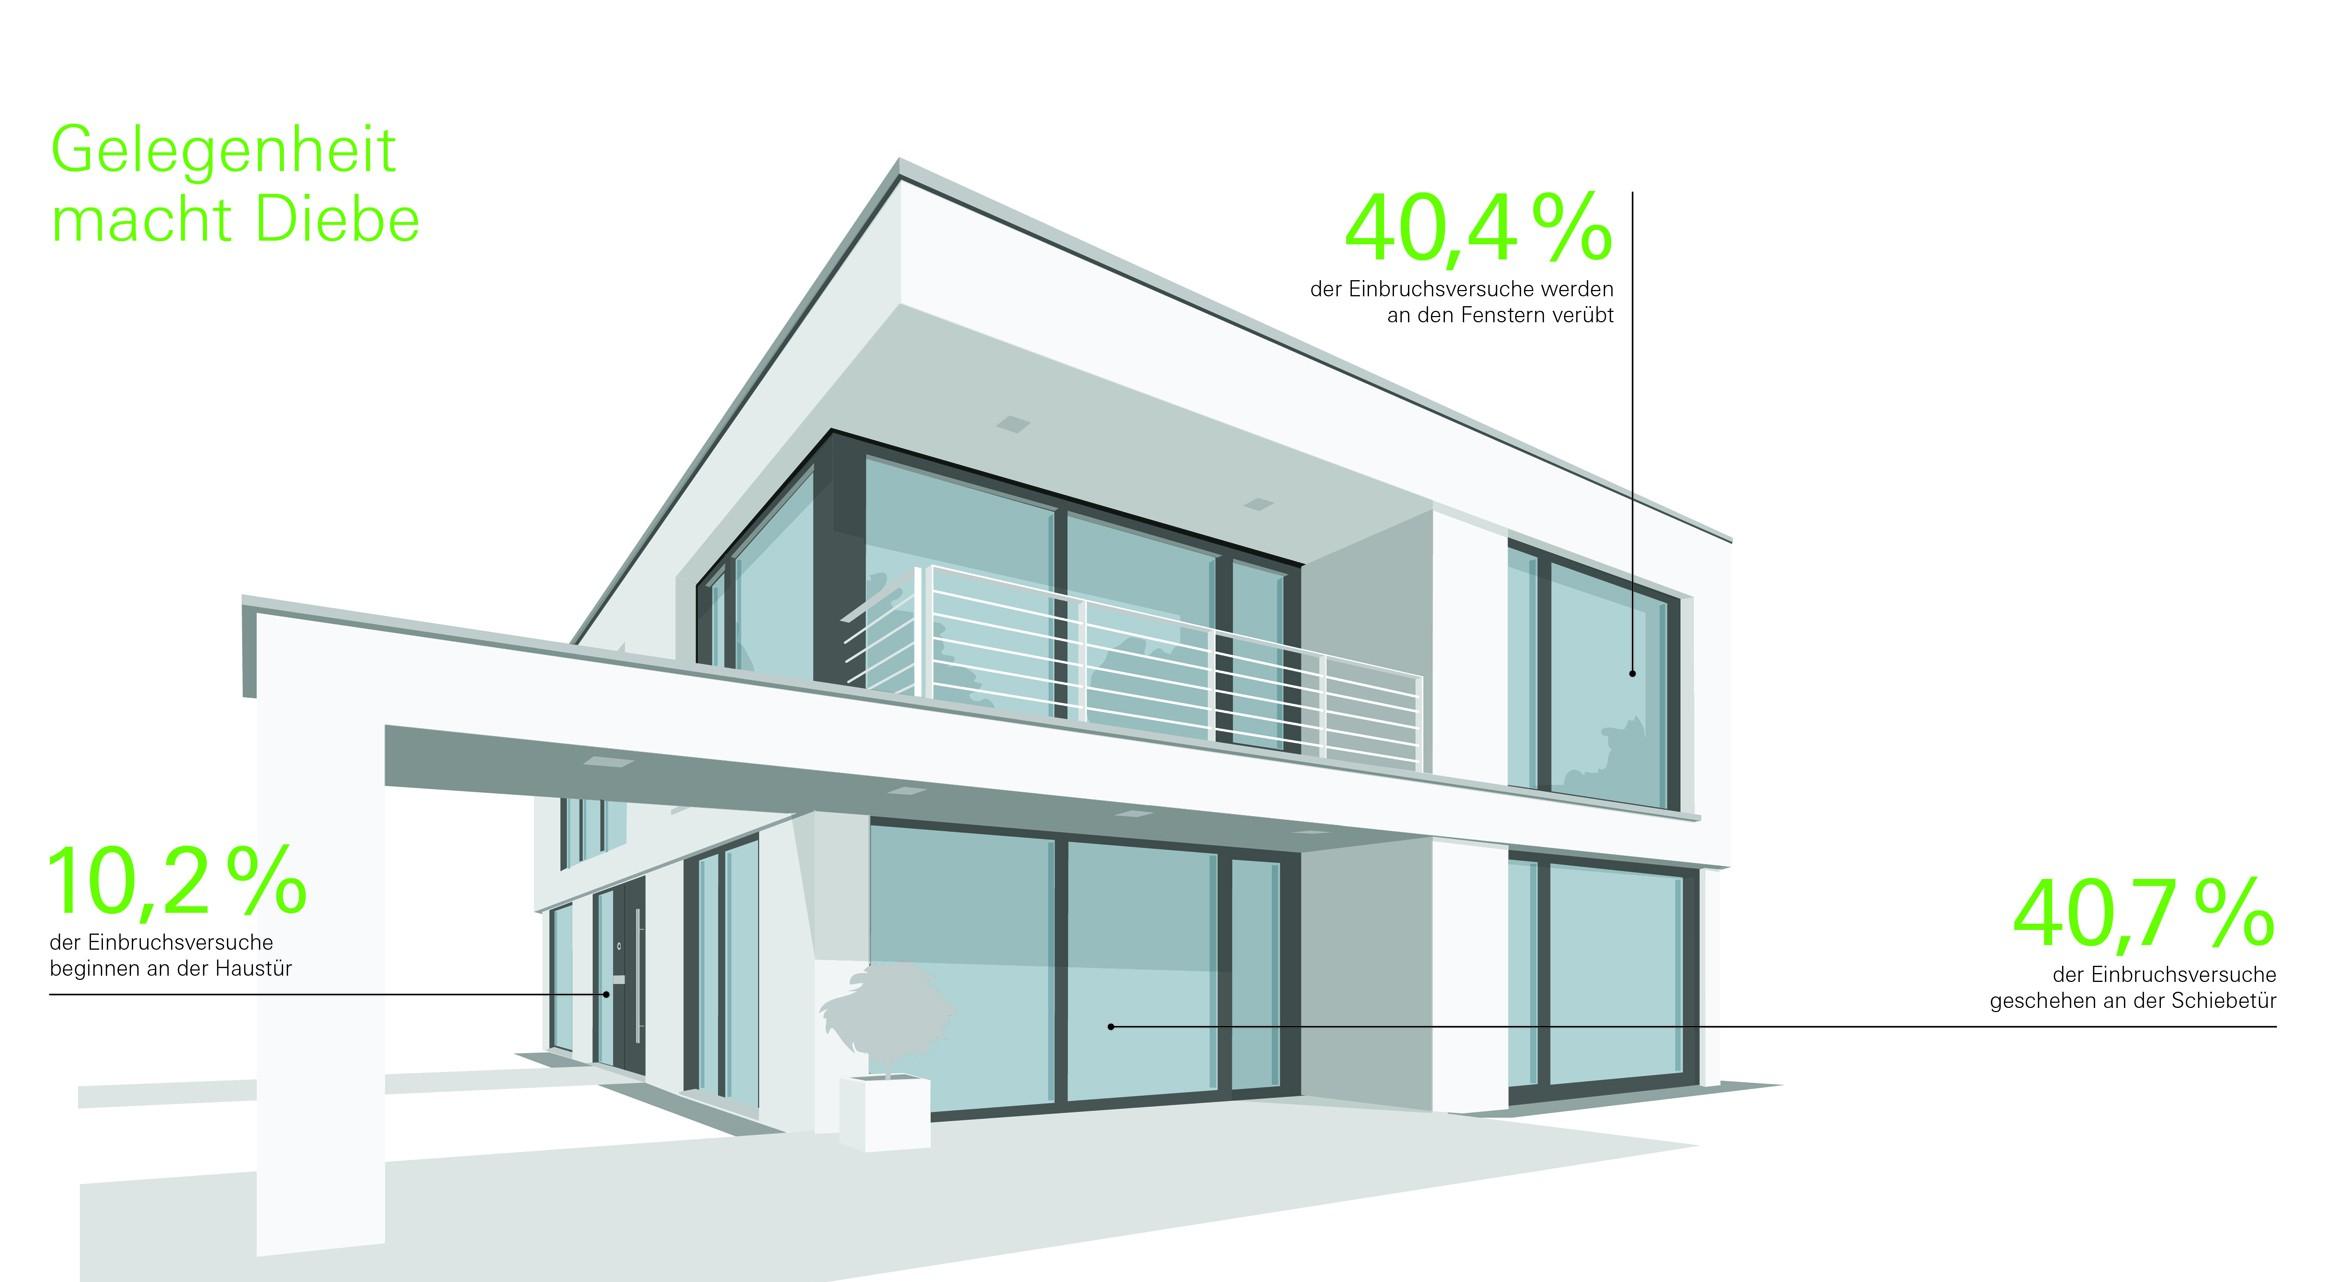 Geprüfte Fenster, Türen und Schiebetüren von Schüco bieten Schutz vor Einbruch.